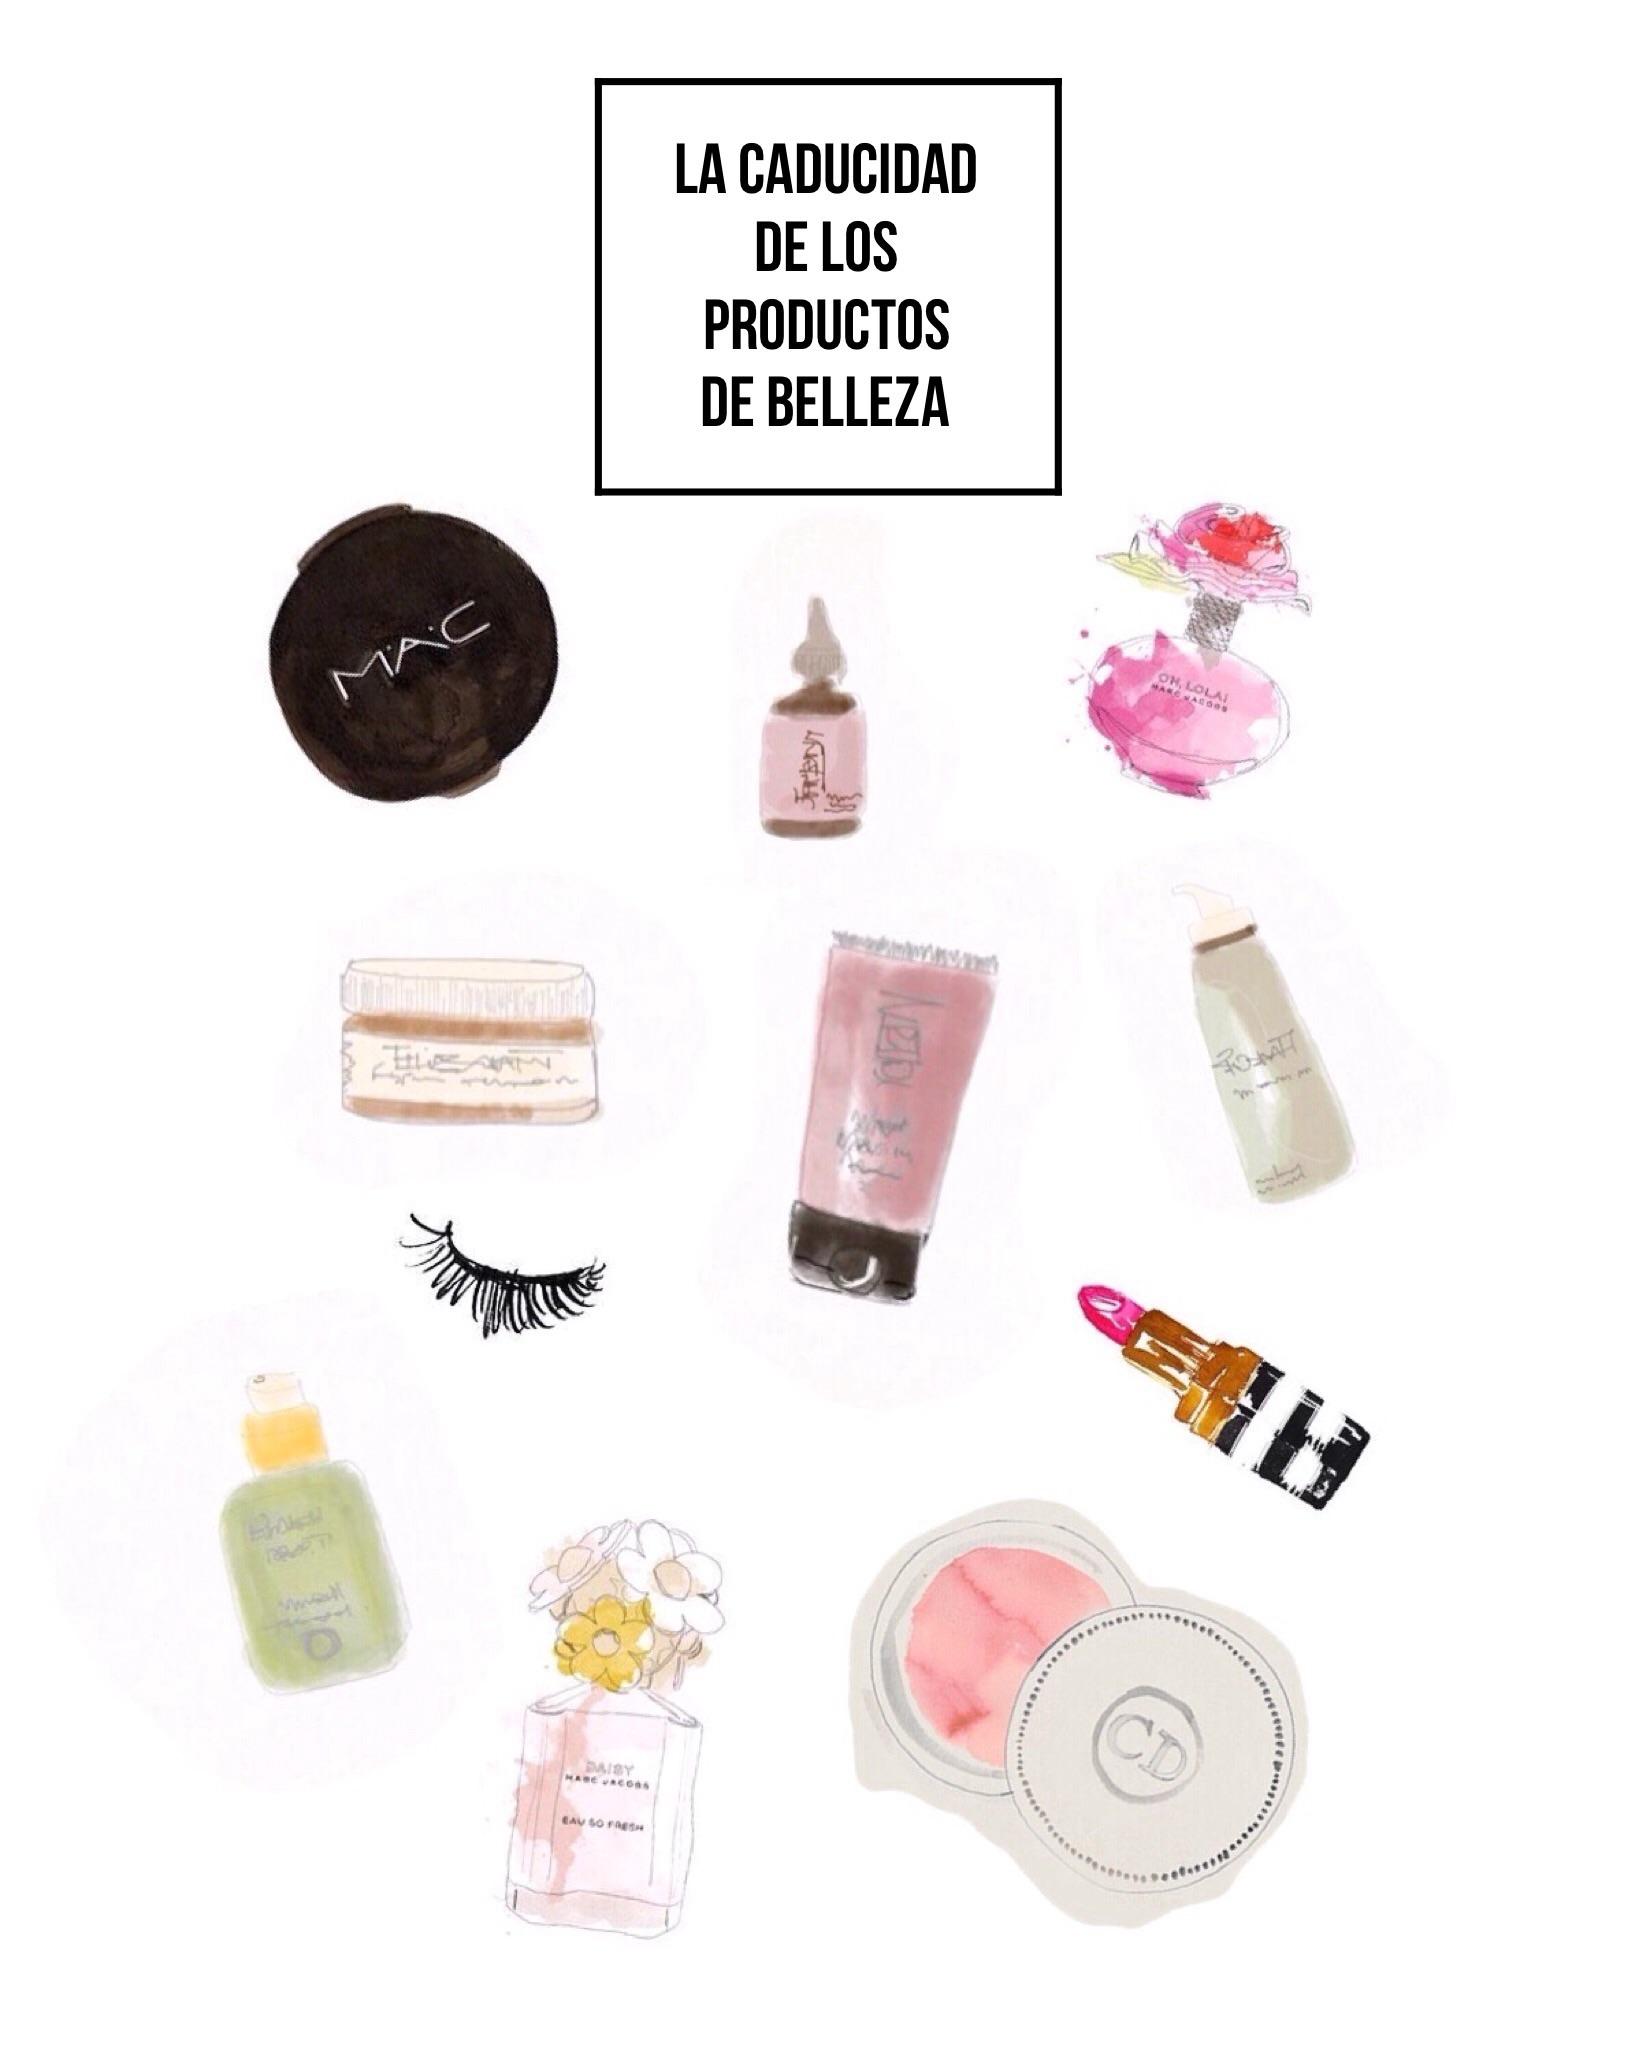 Caducidad de los productos de belleza